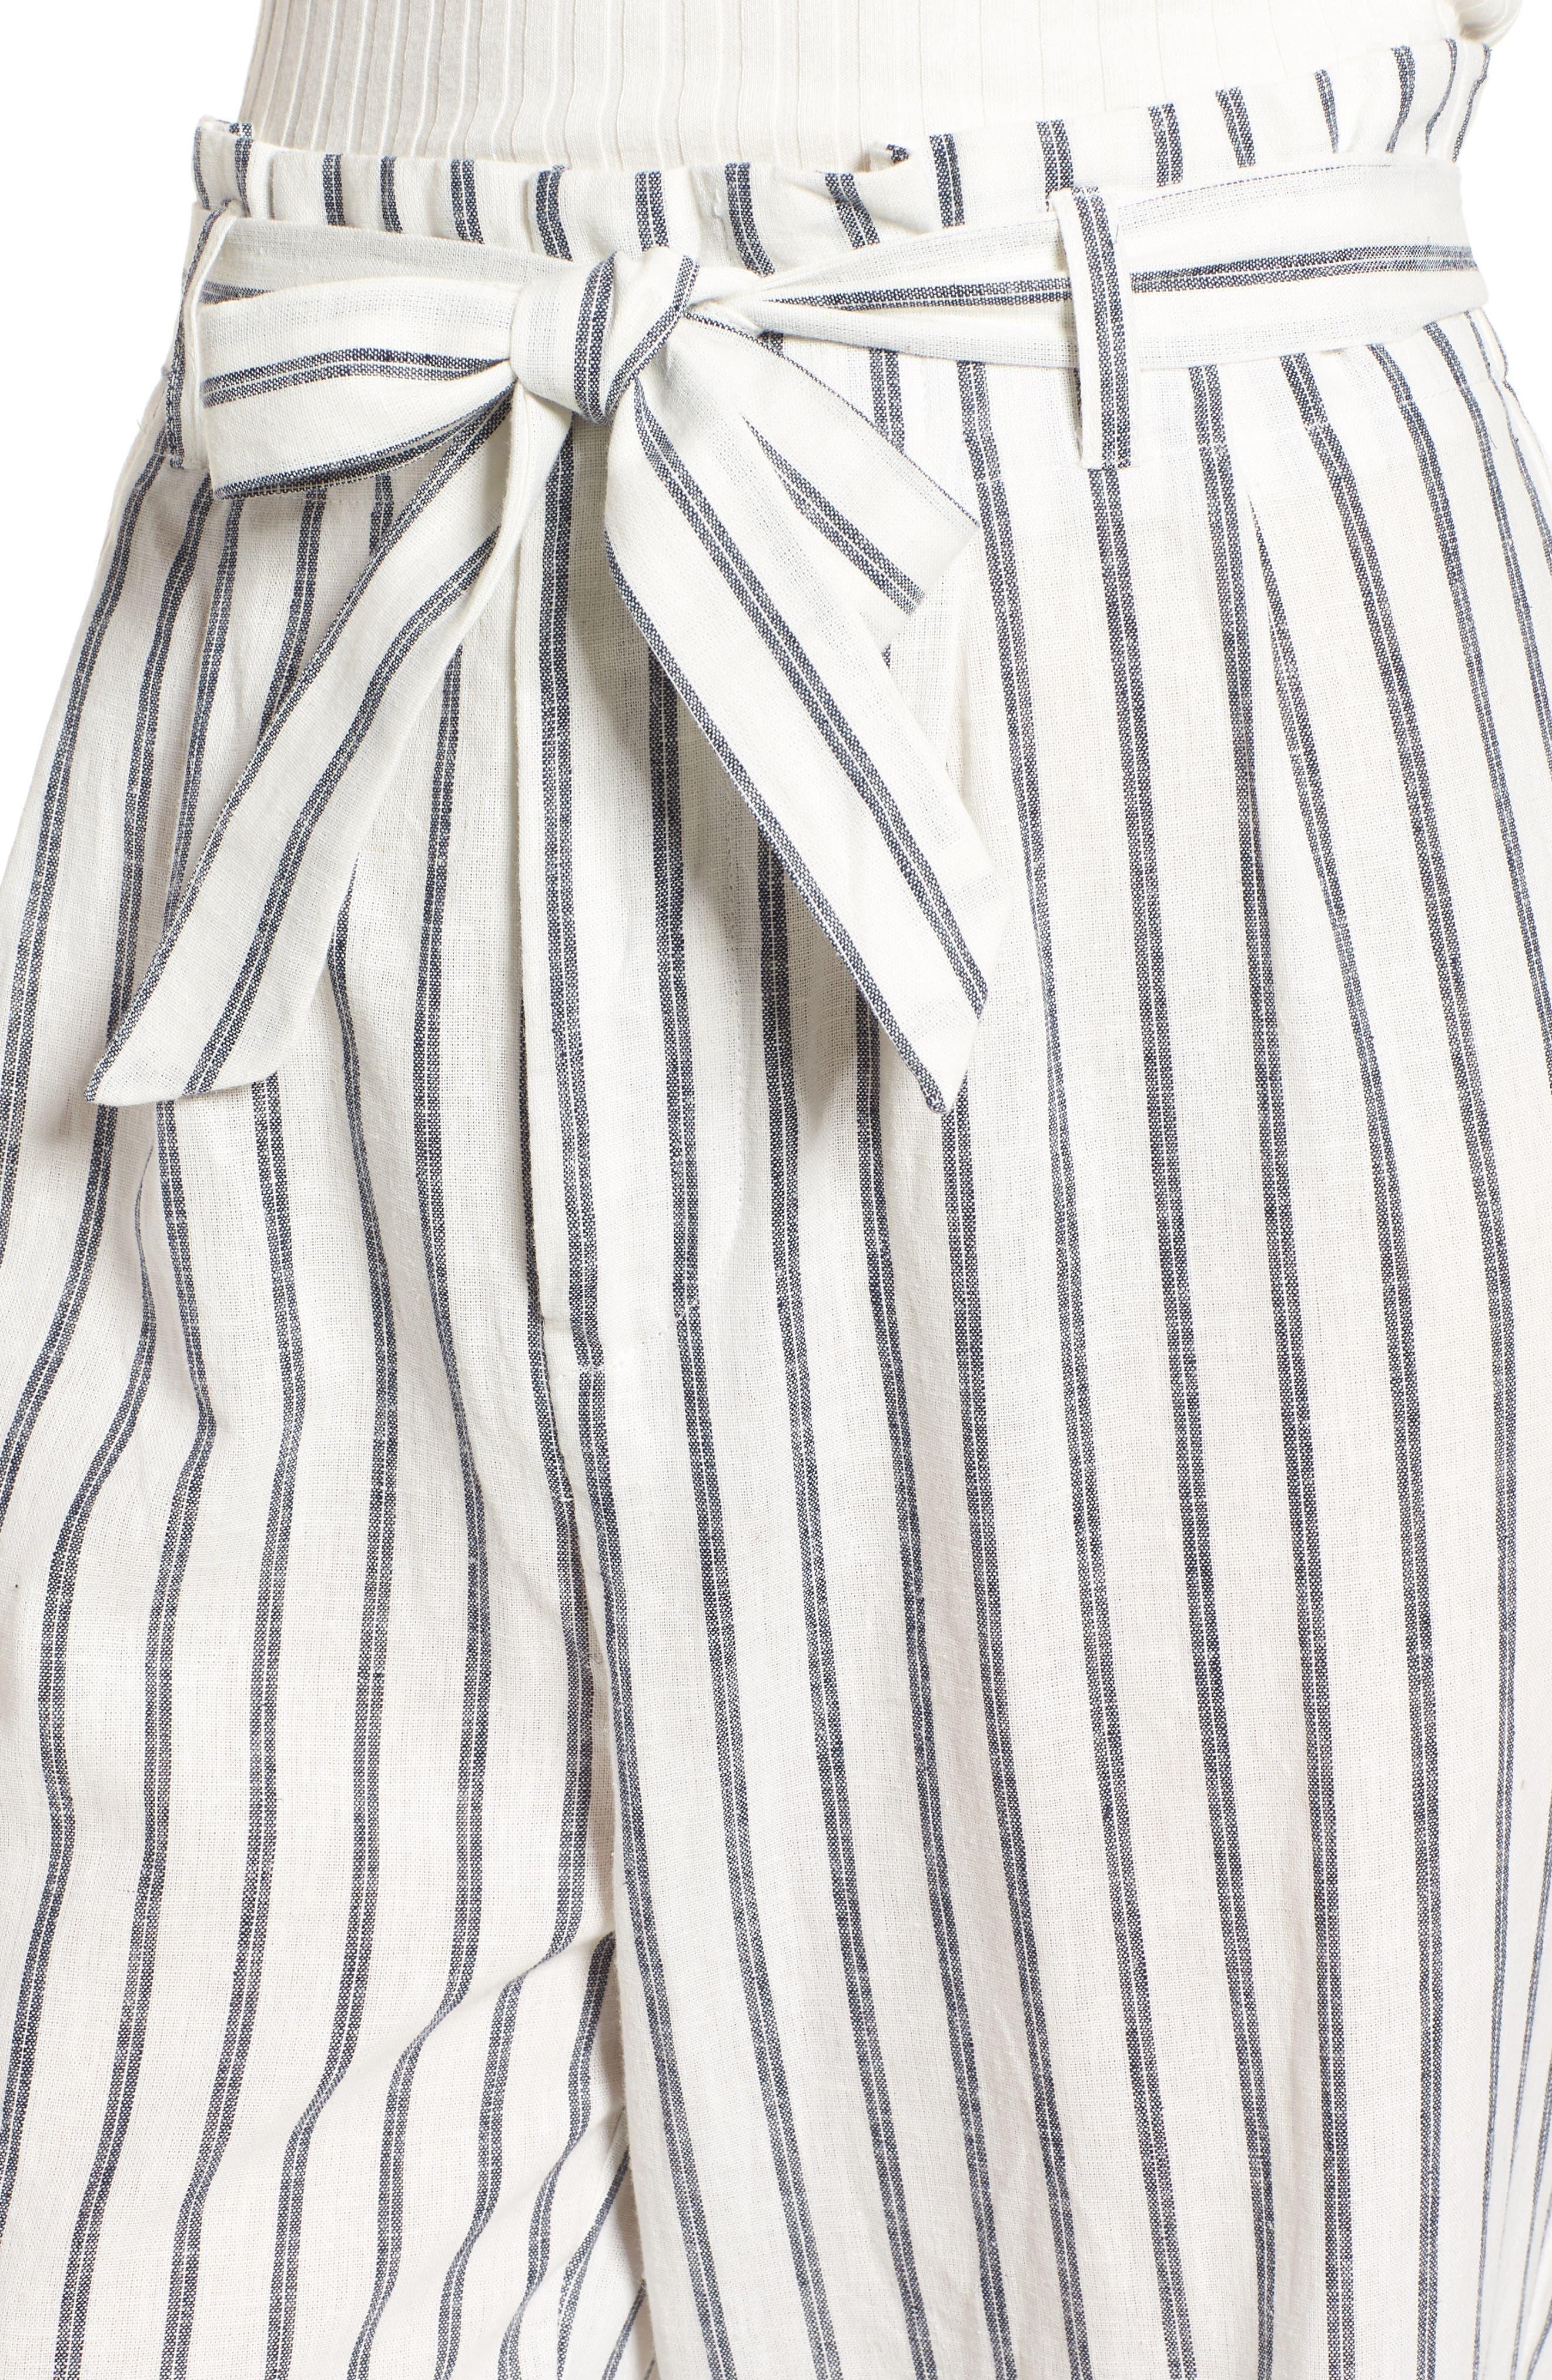 Paper Bag Linen & Cotton Pants,                             Alternate thumbnail 4, color,                             IVORY / BLUE STRIPE